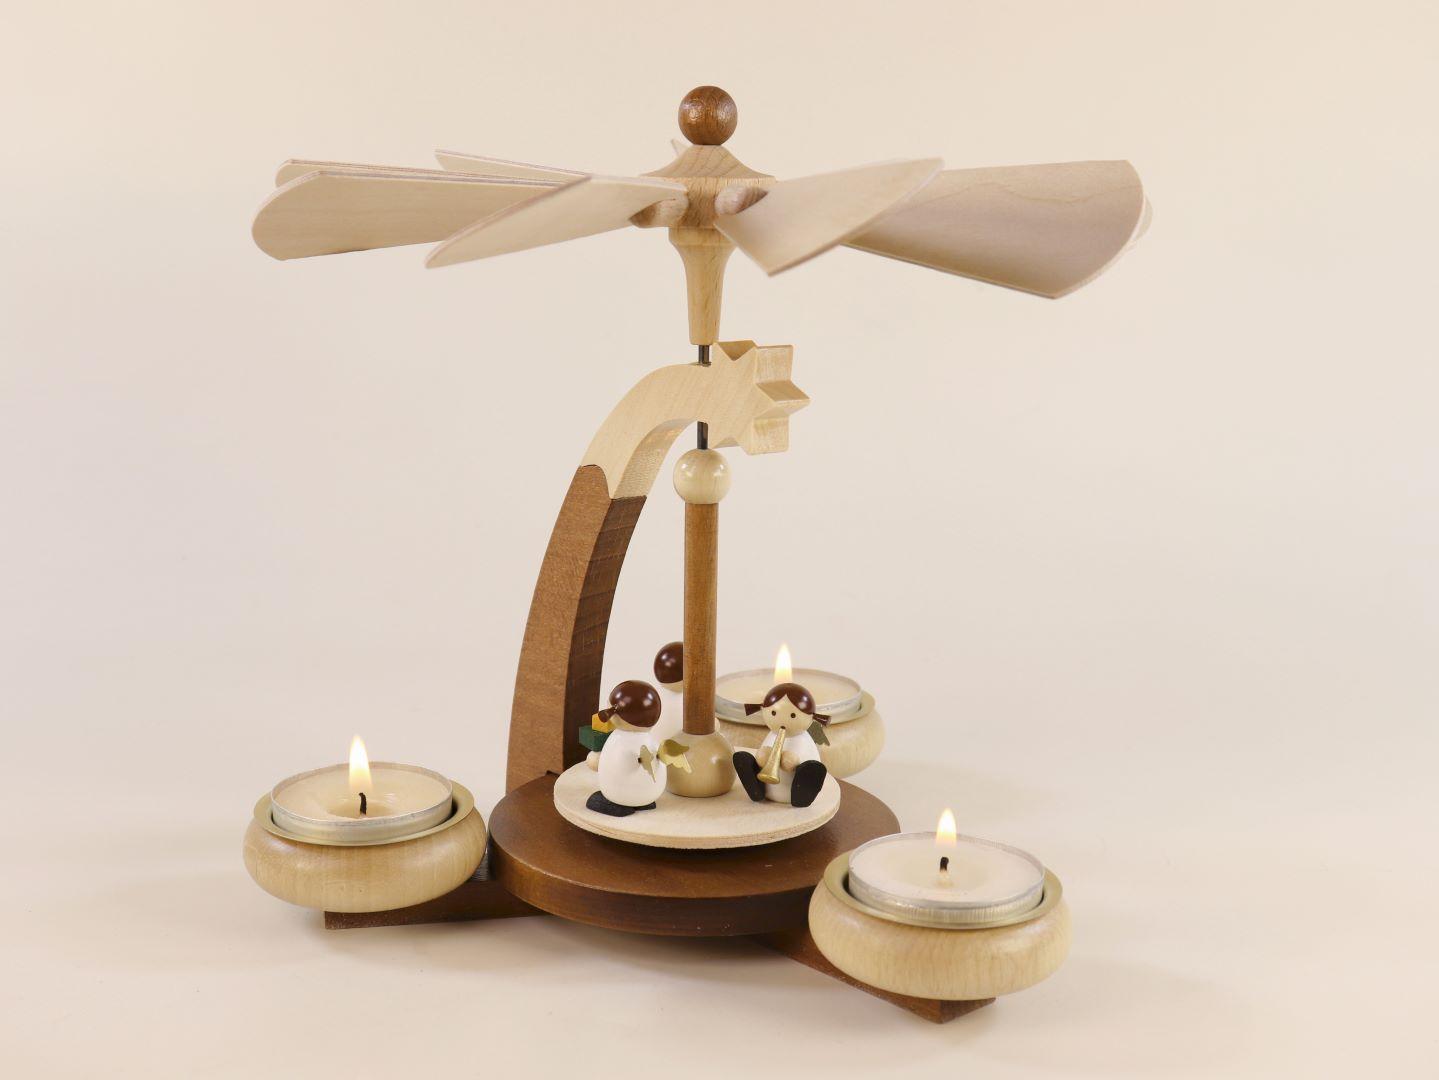 design-teelichtpyramide-braun-natur-und-tuellen-natur-mit-engel-weiß-fuer-3-teelichte-hoehe-19cm-10-ullrich-kunsthandwerk-paul-ullrich-volkskunstbestehen